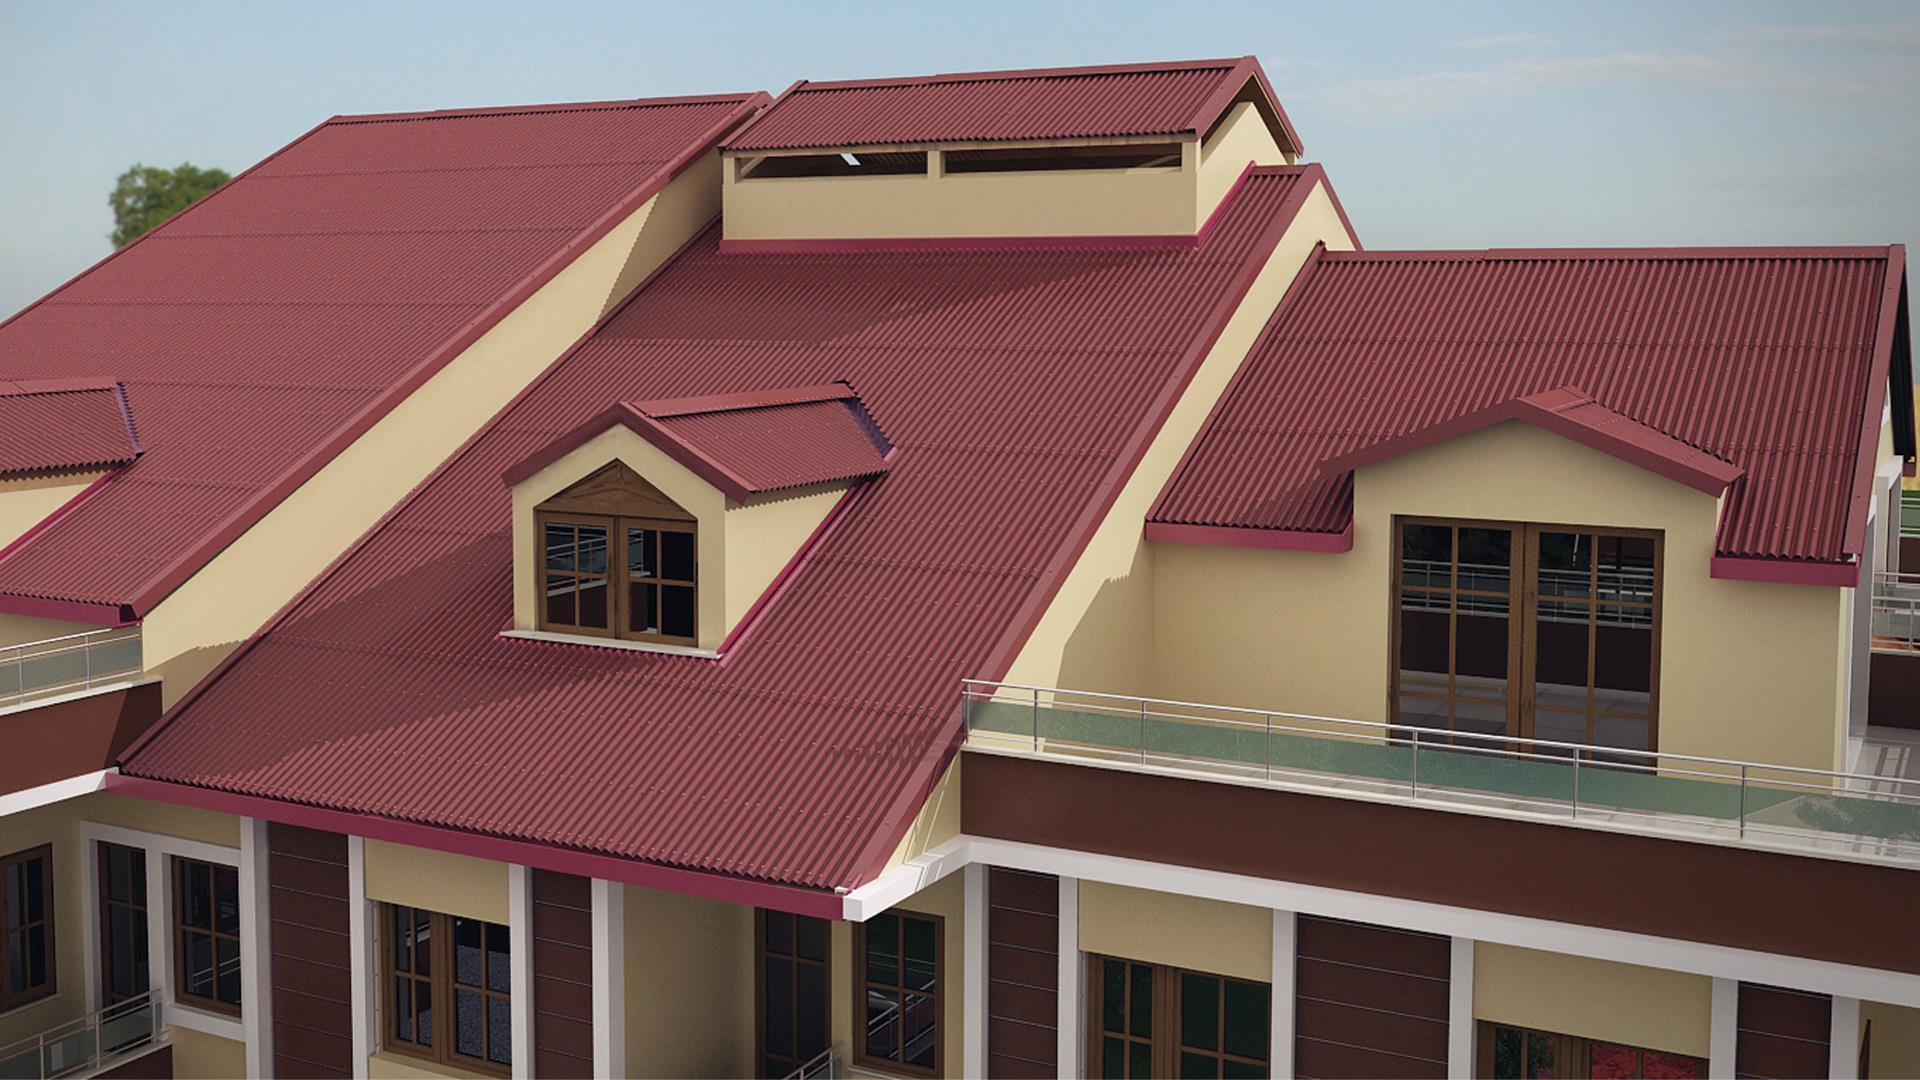 Облицовка крыши обязательное условие при строительстве домов.